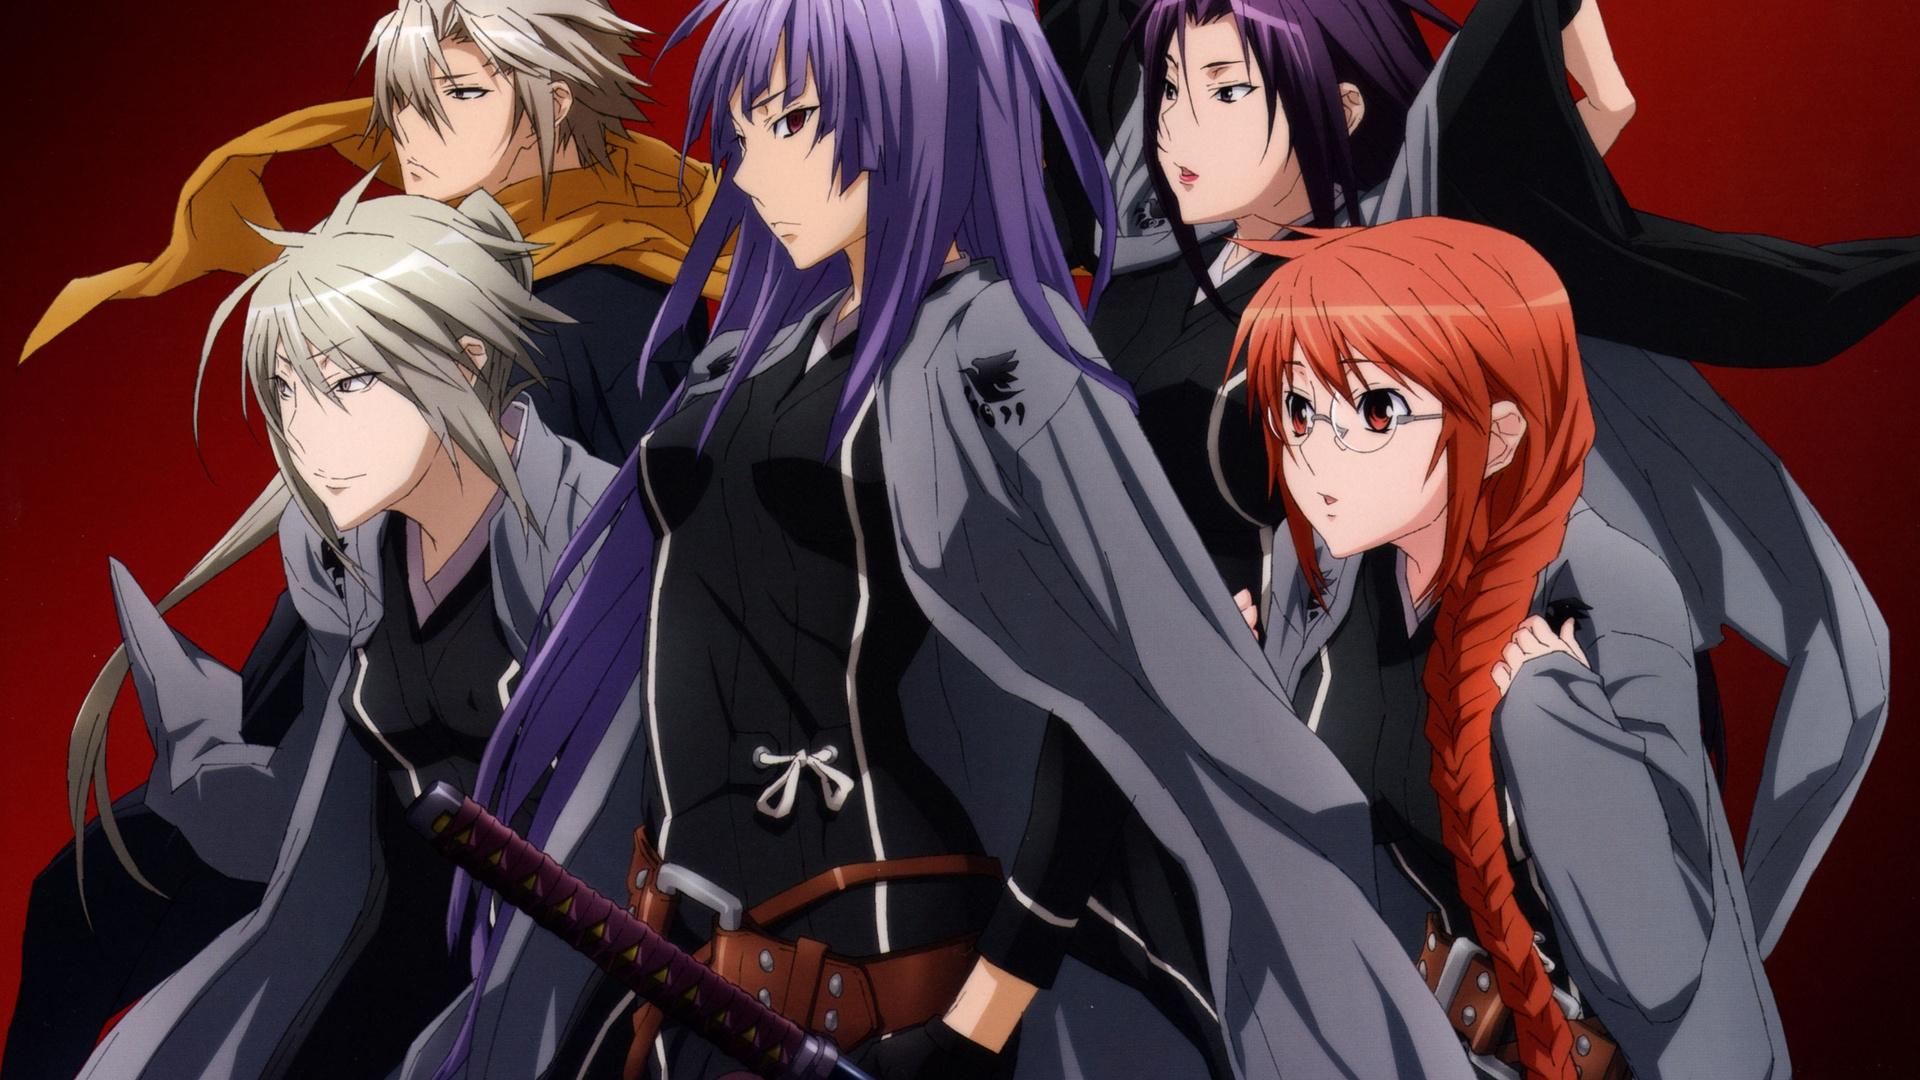 Wallpaper Illustration Anime Katana Sekirei Background